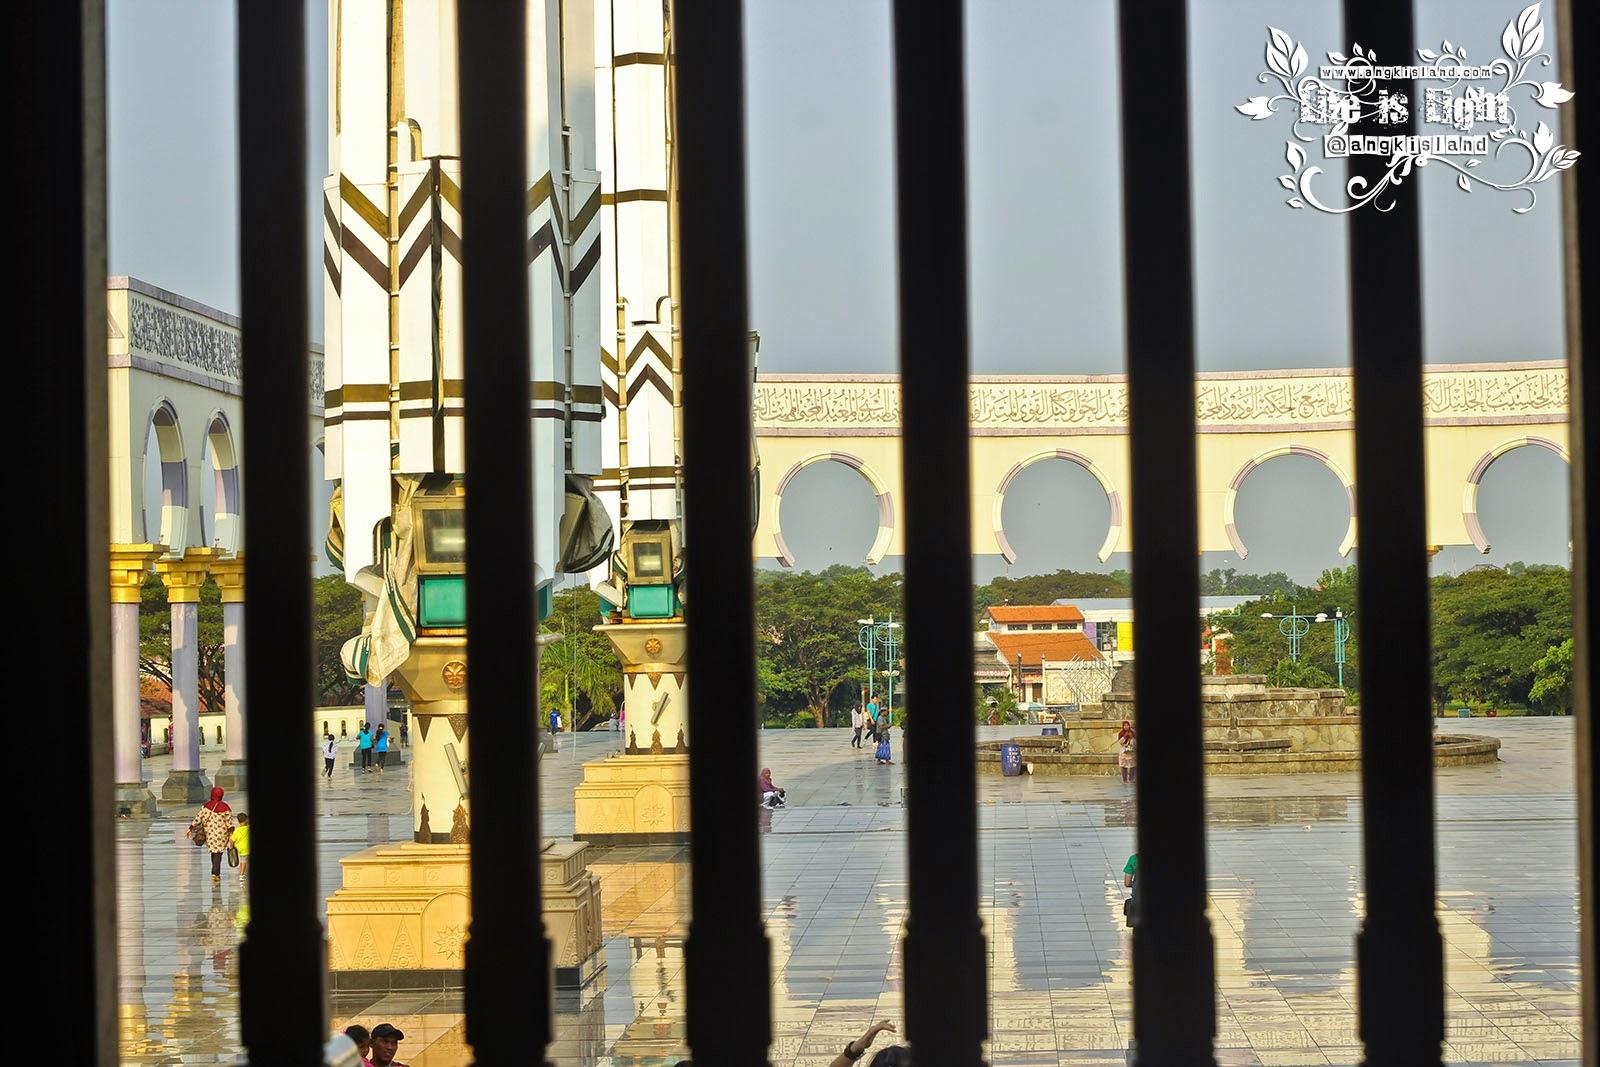 Jendela Masjid Agung Jawa Tengah